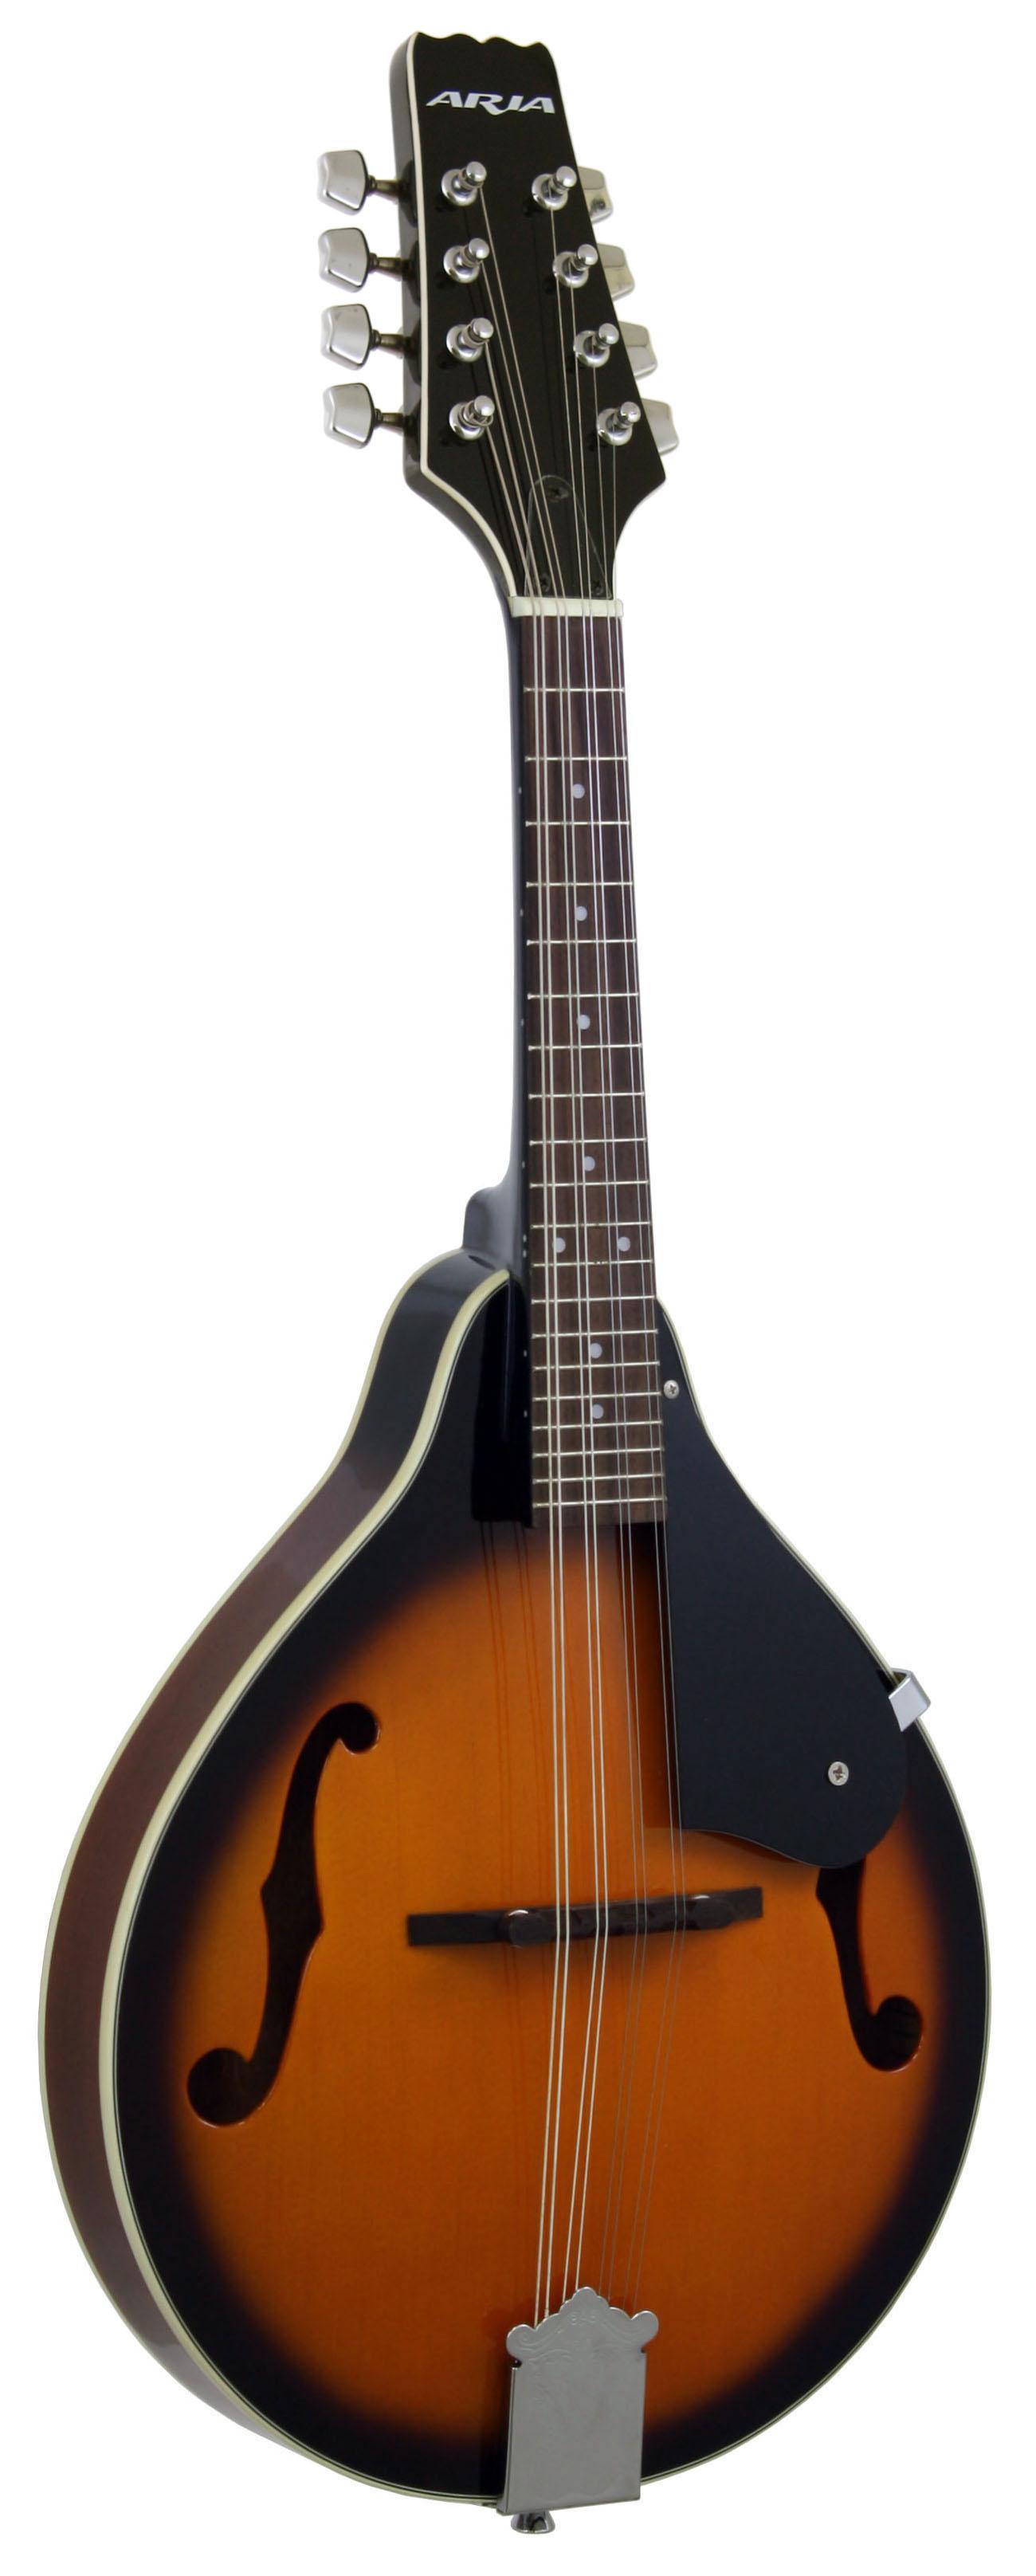 Aria AM-20